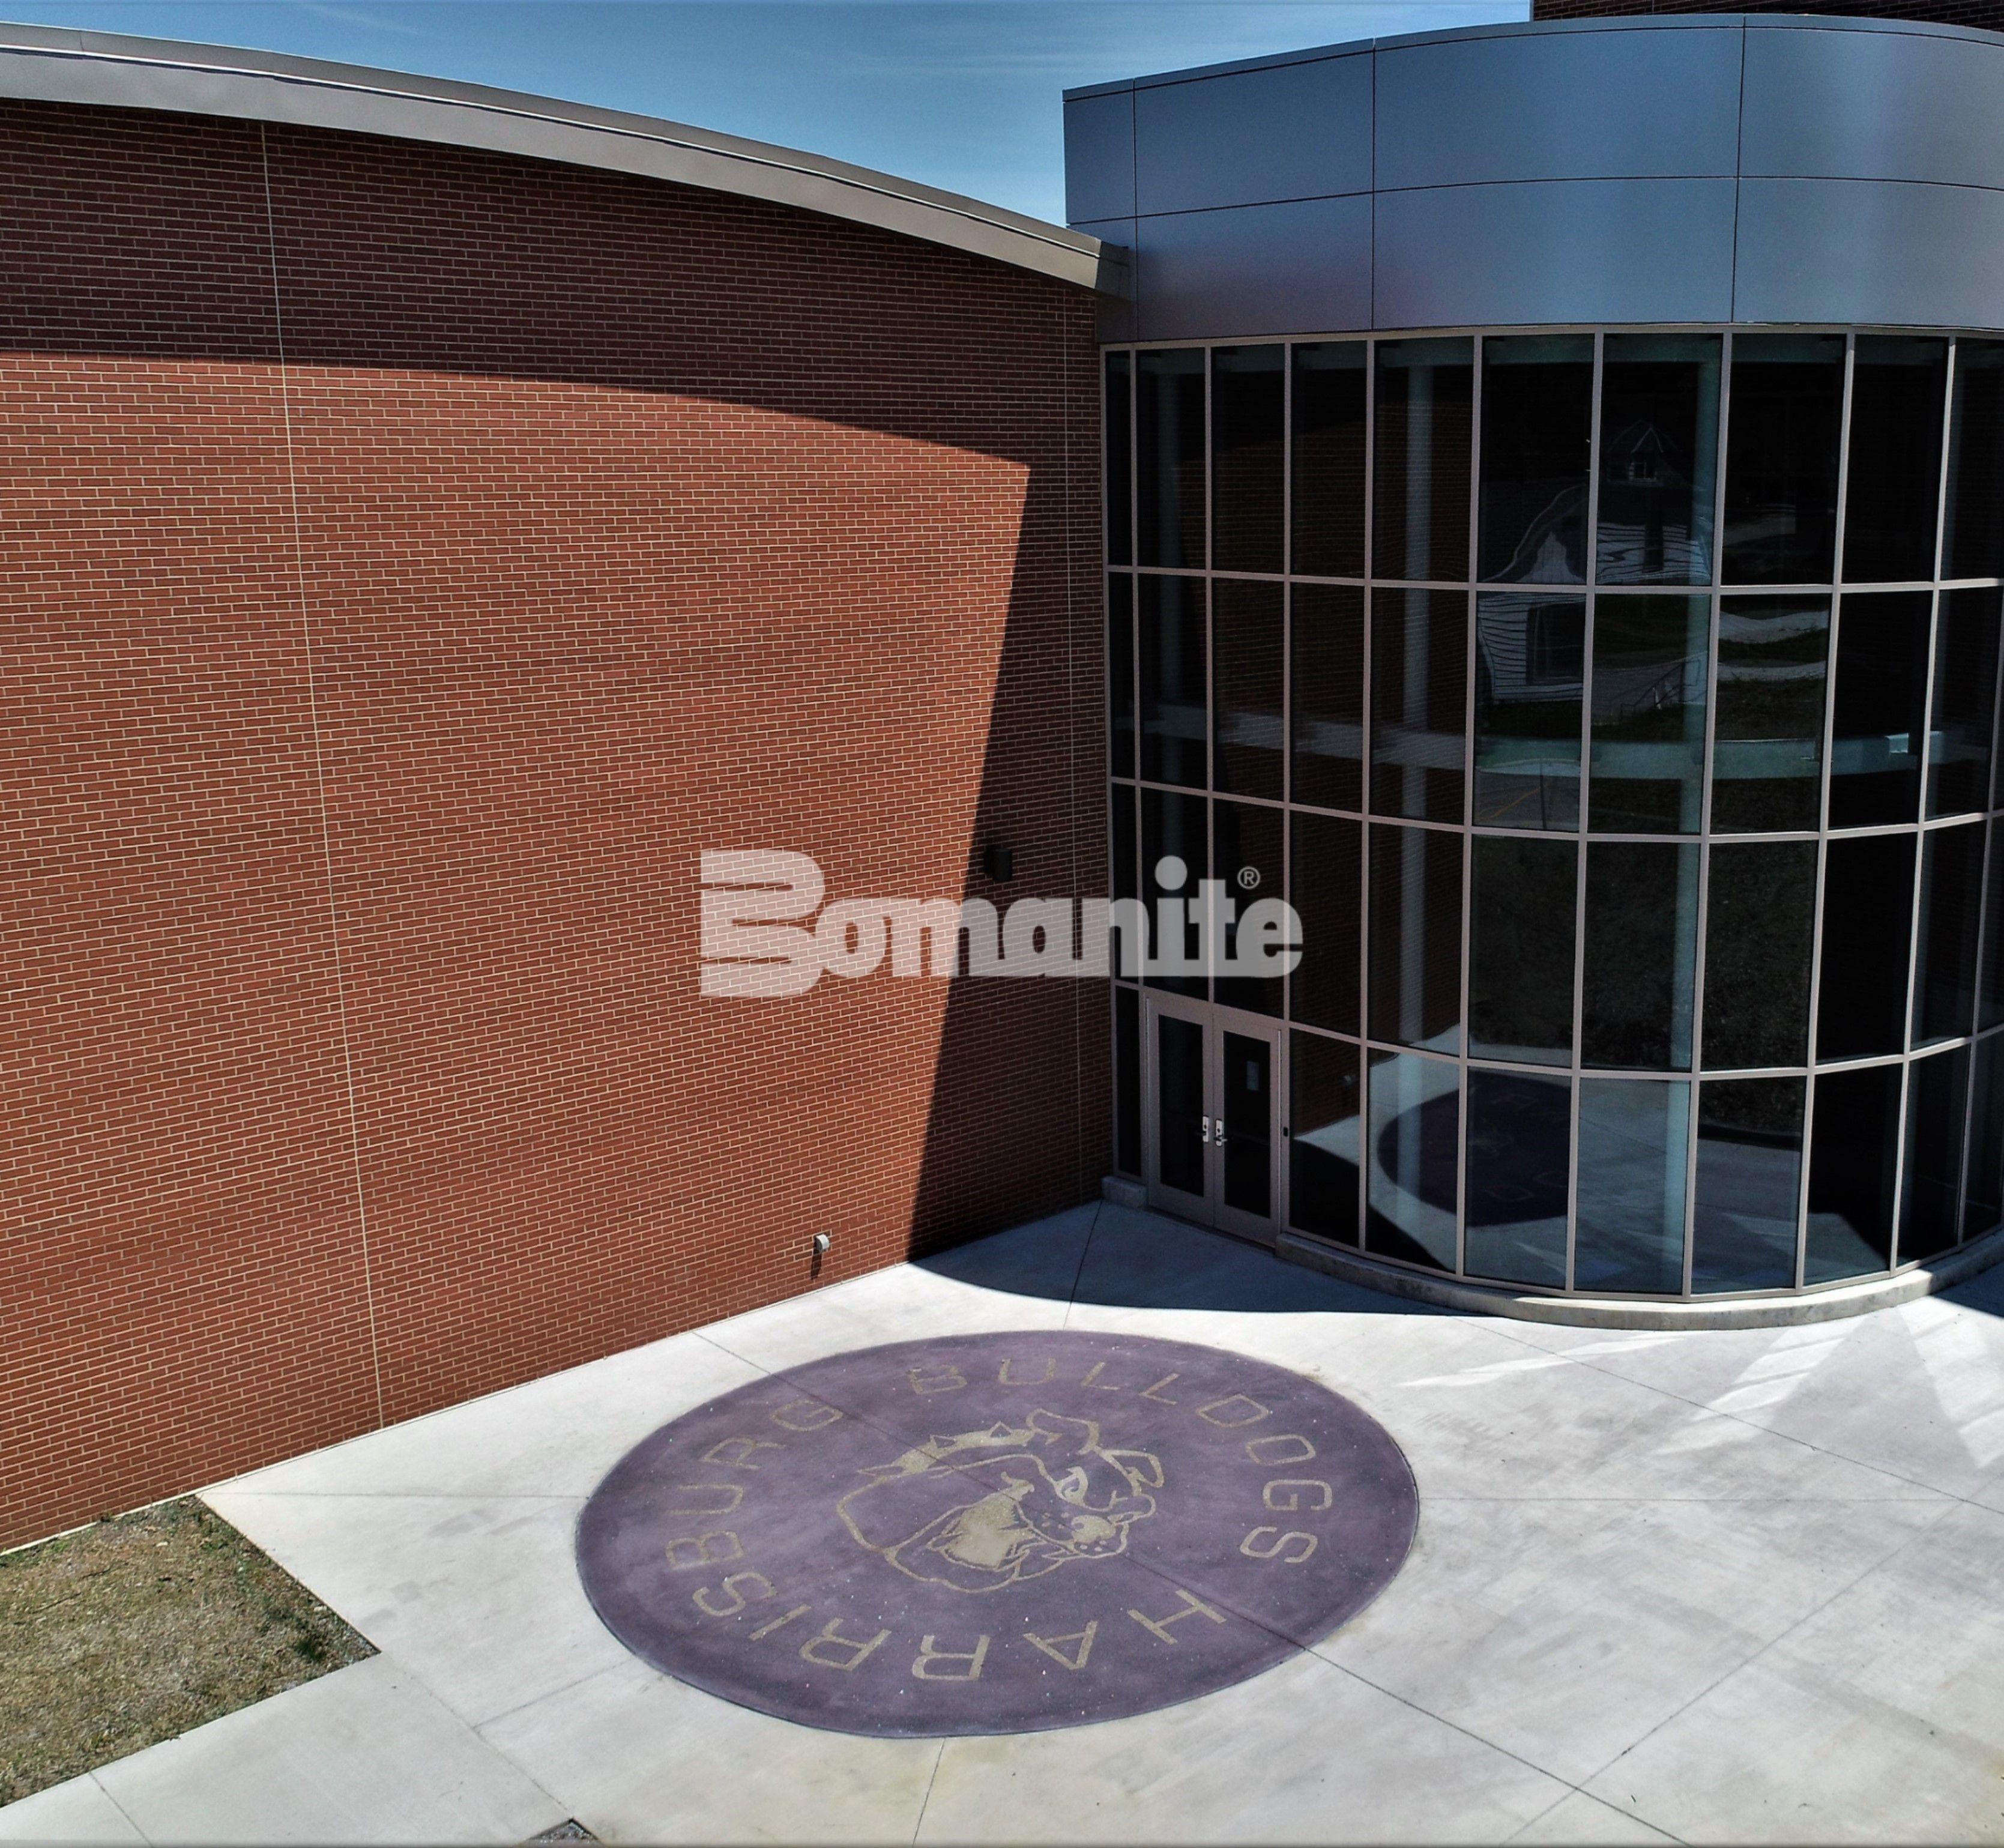 Harrisburg High School Logo using Bomanite Exposed Aggregate Decorative Concrete with Bomanite Alloy in Harrisburg, IL.